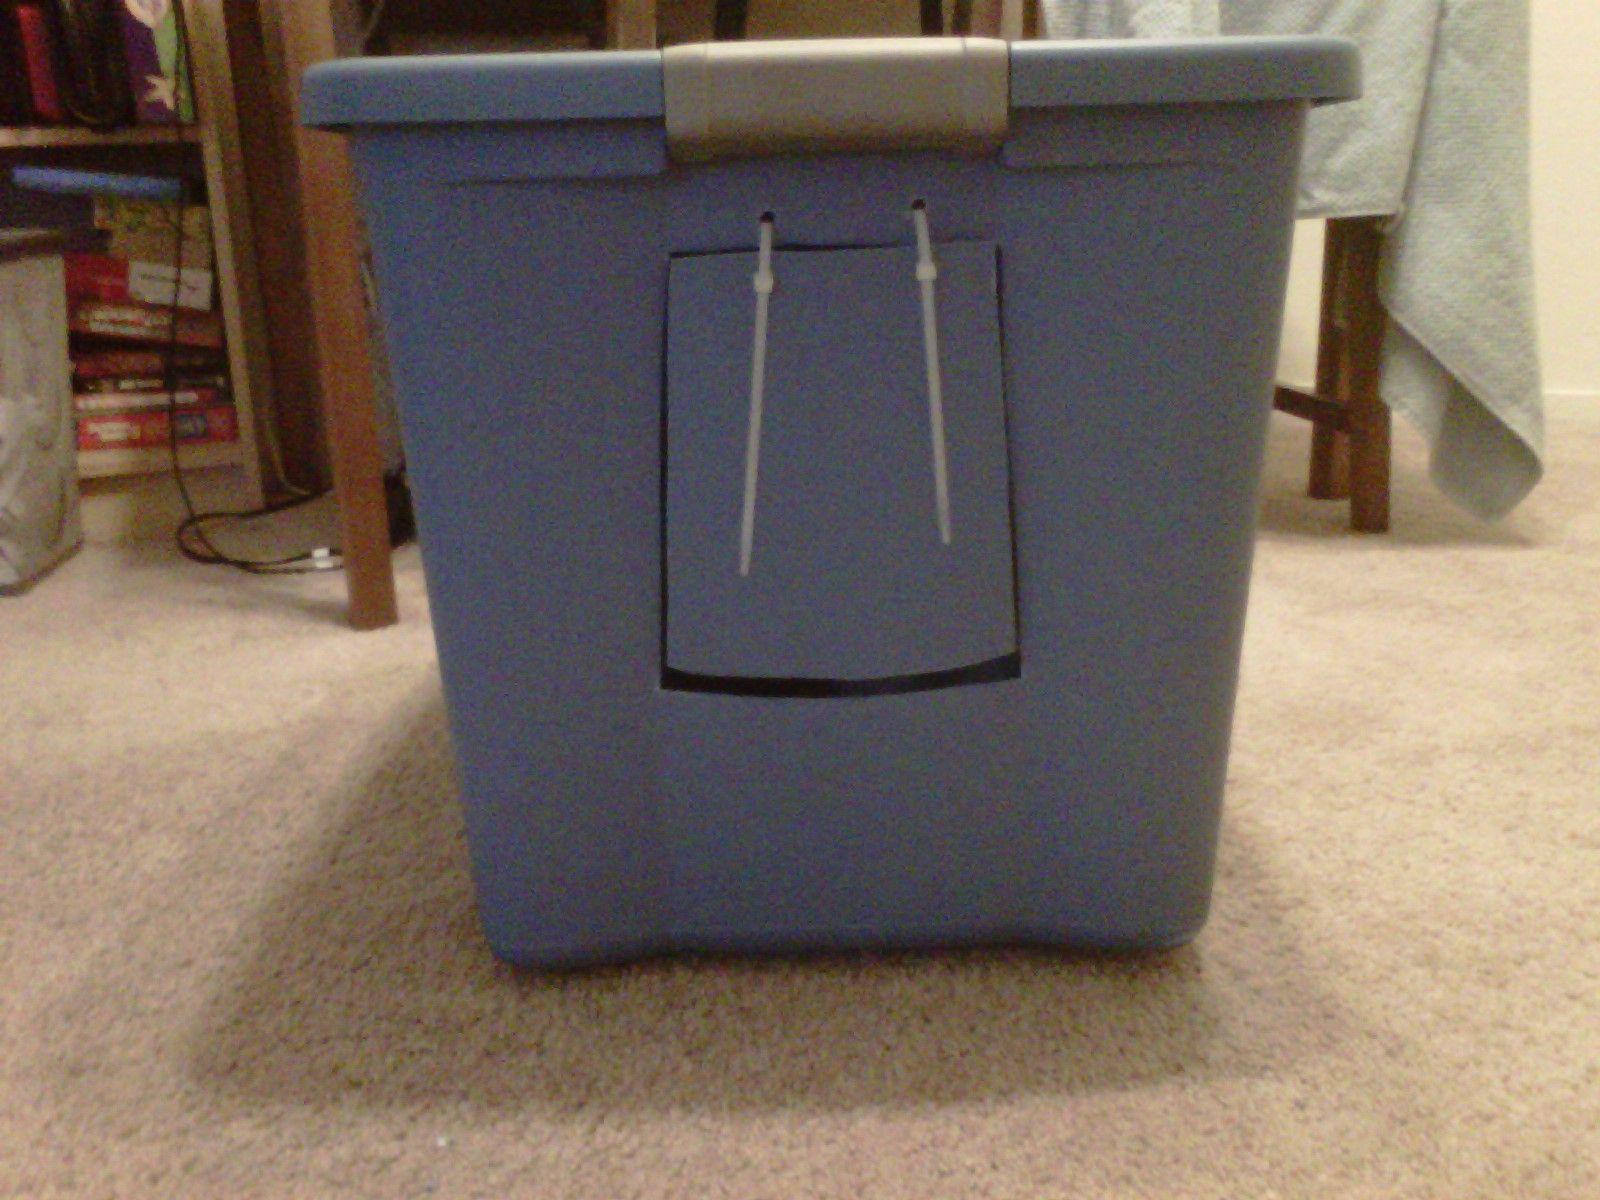 home made cat litter box ) Cat litter, Litter box